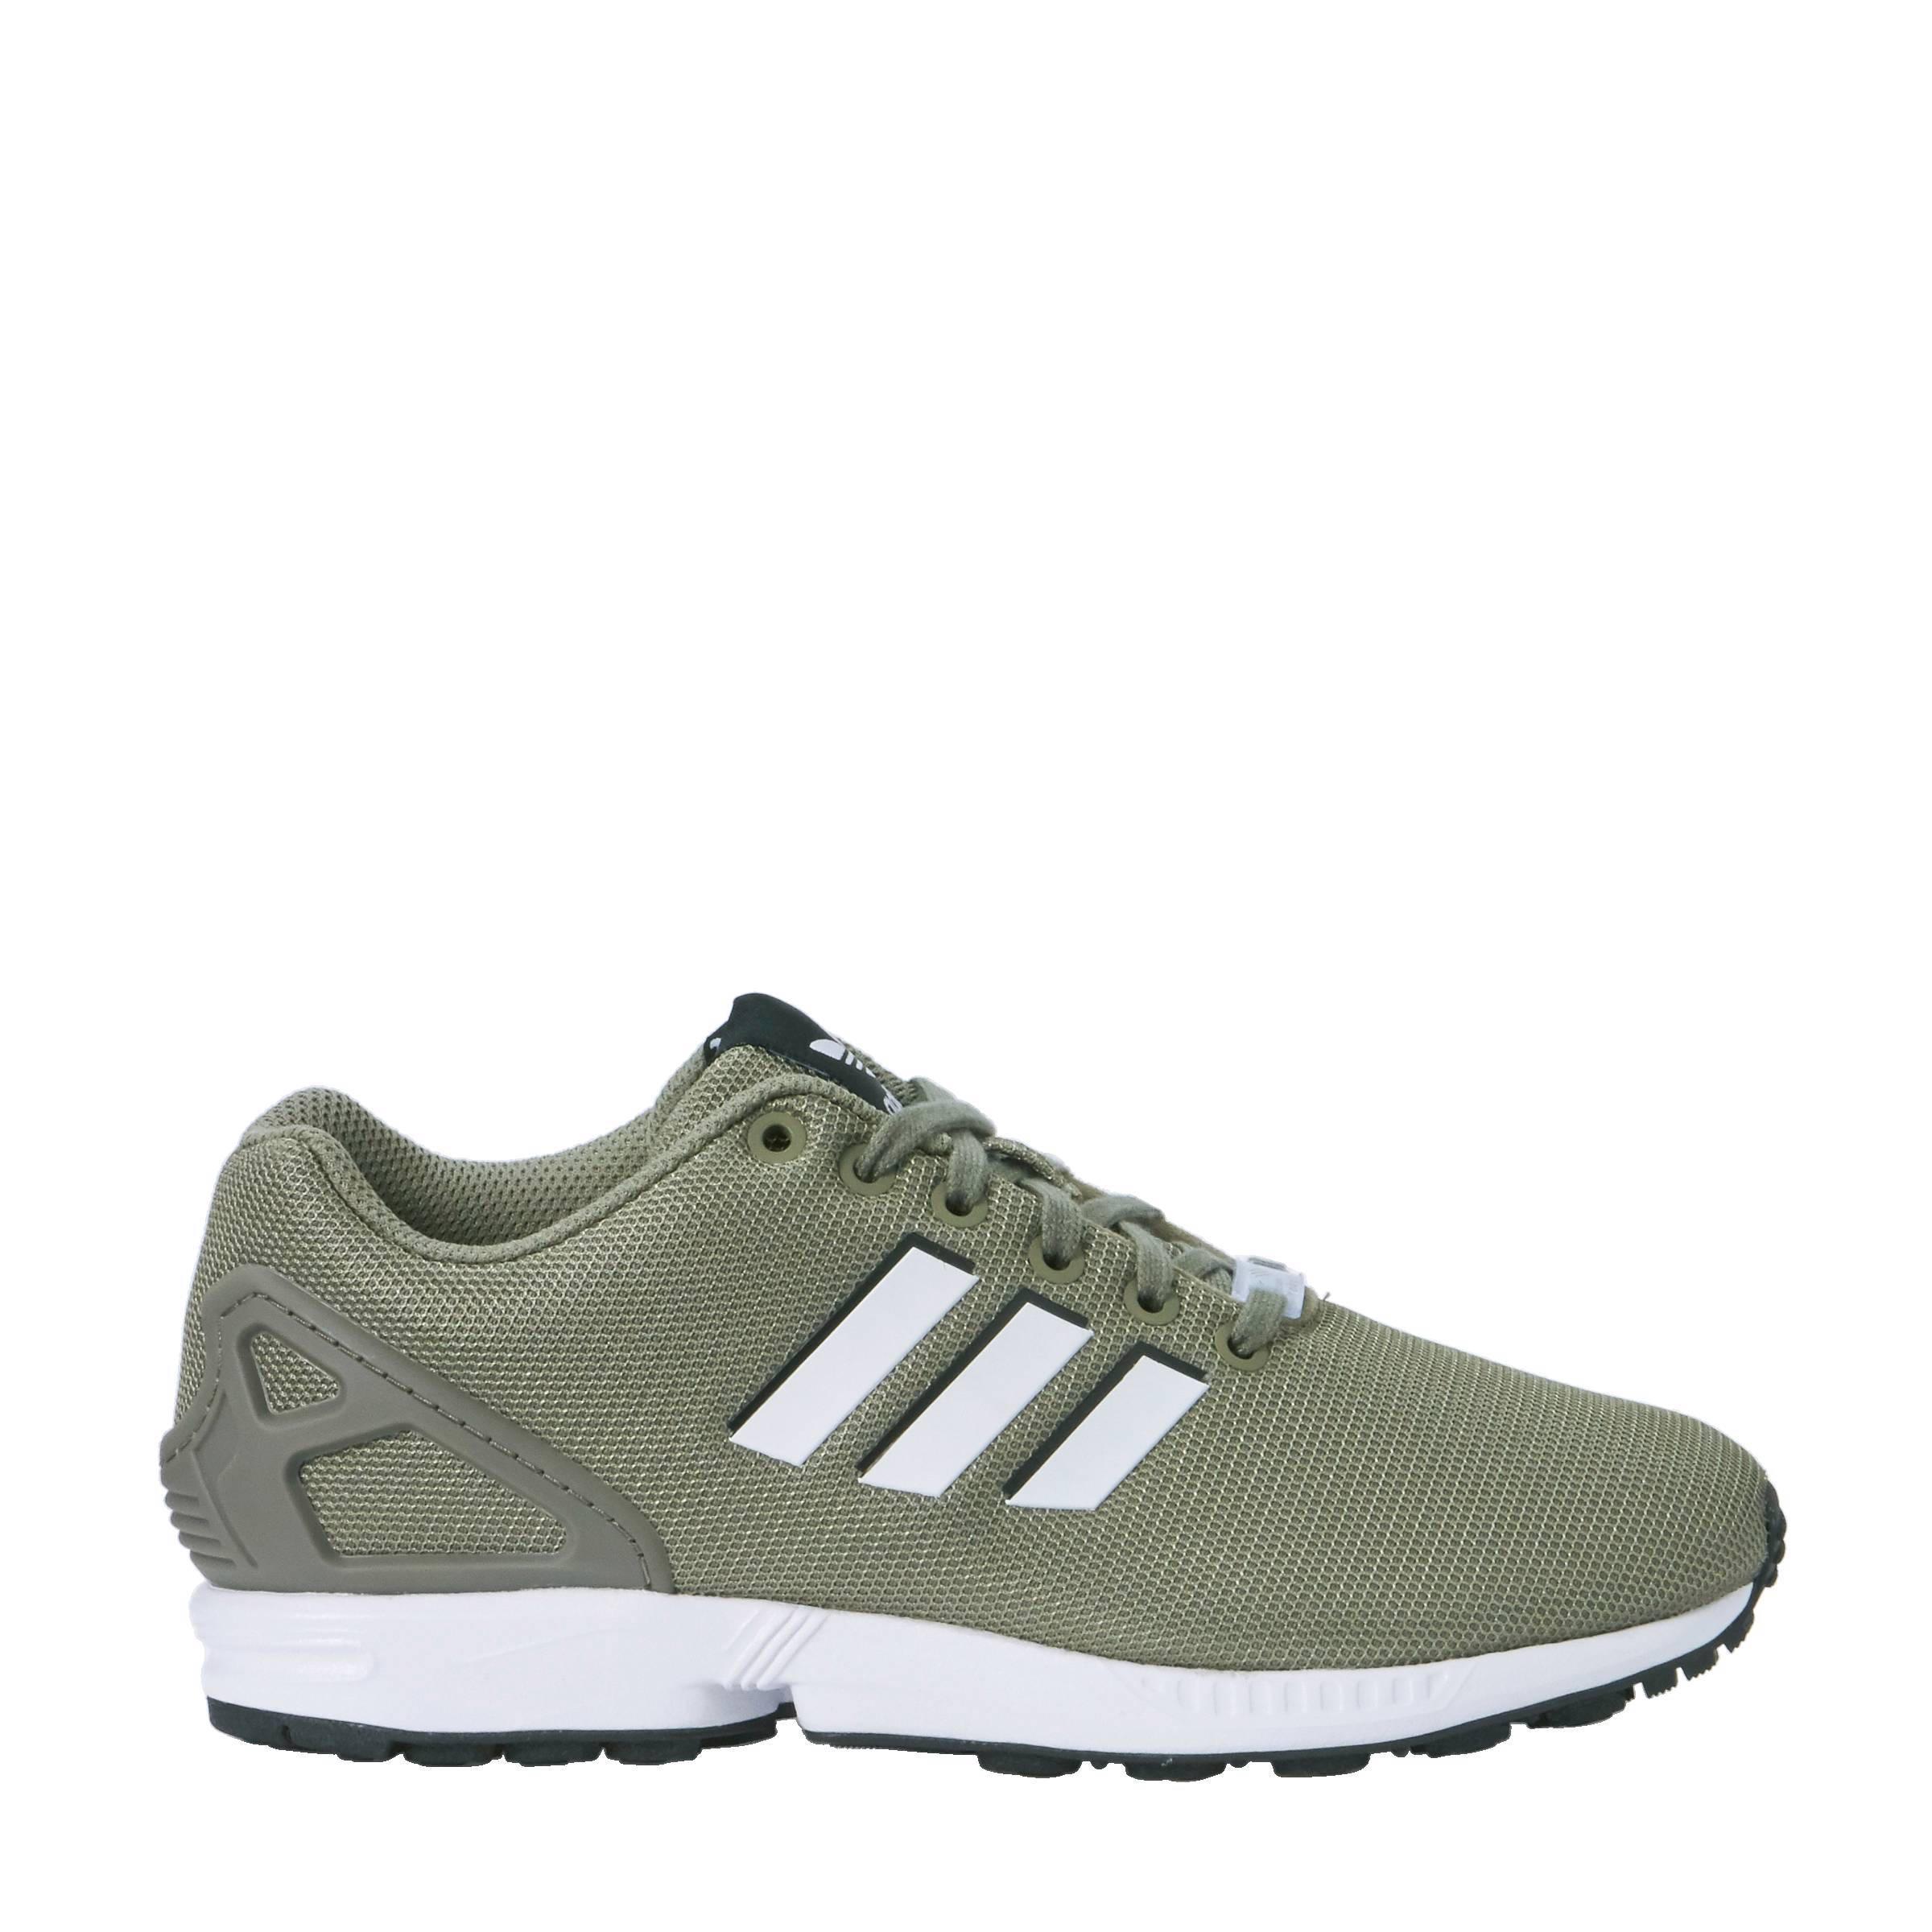 olijfgroen adidas schoenen